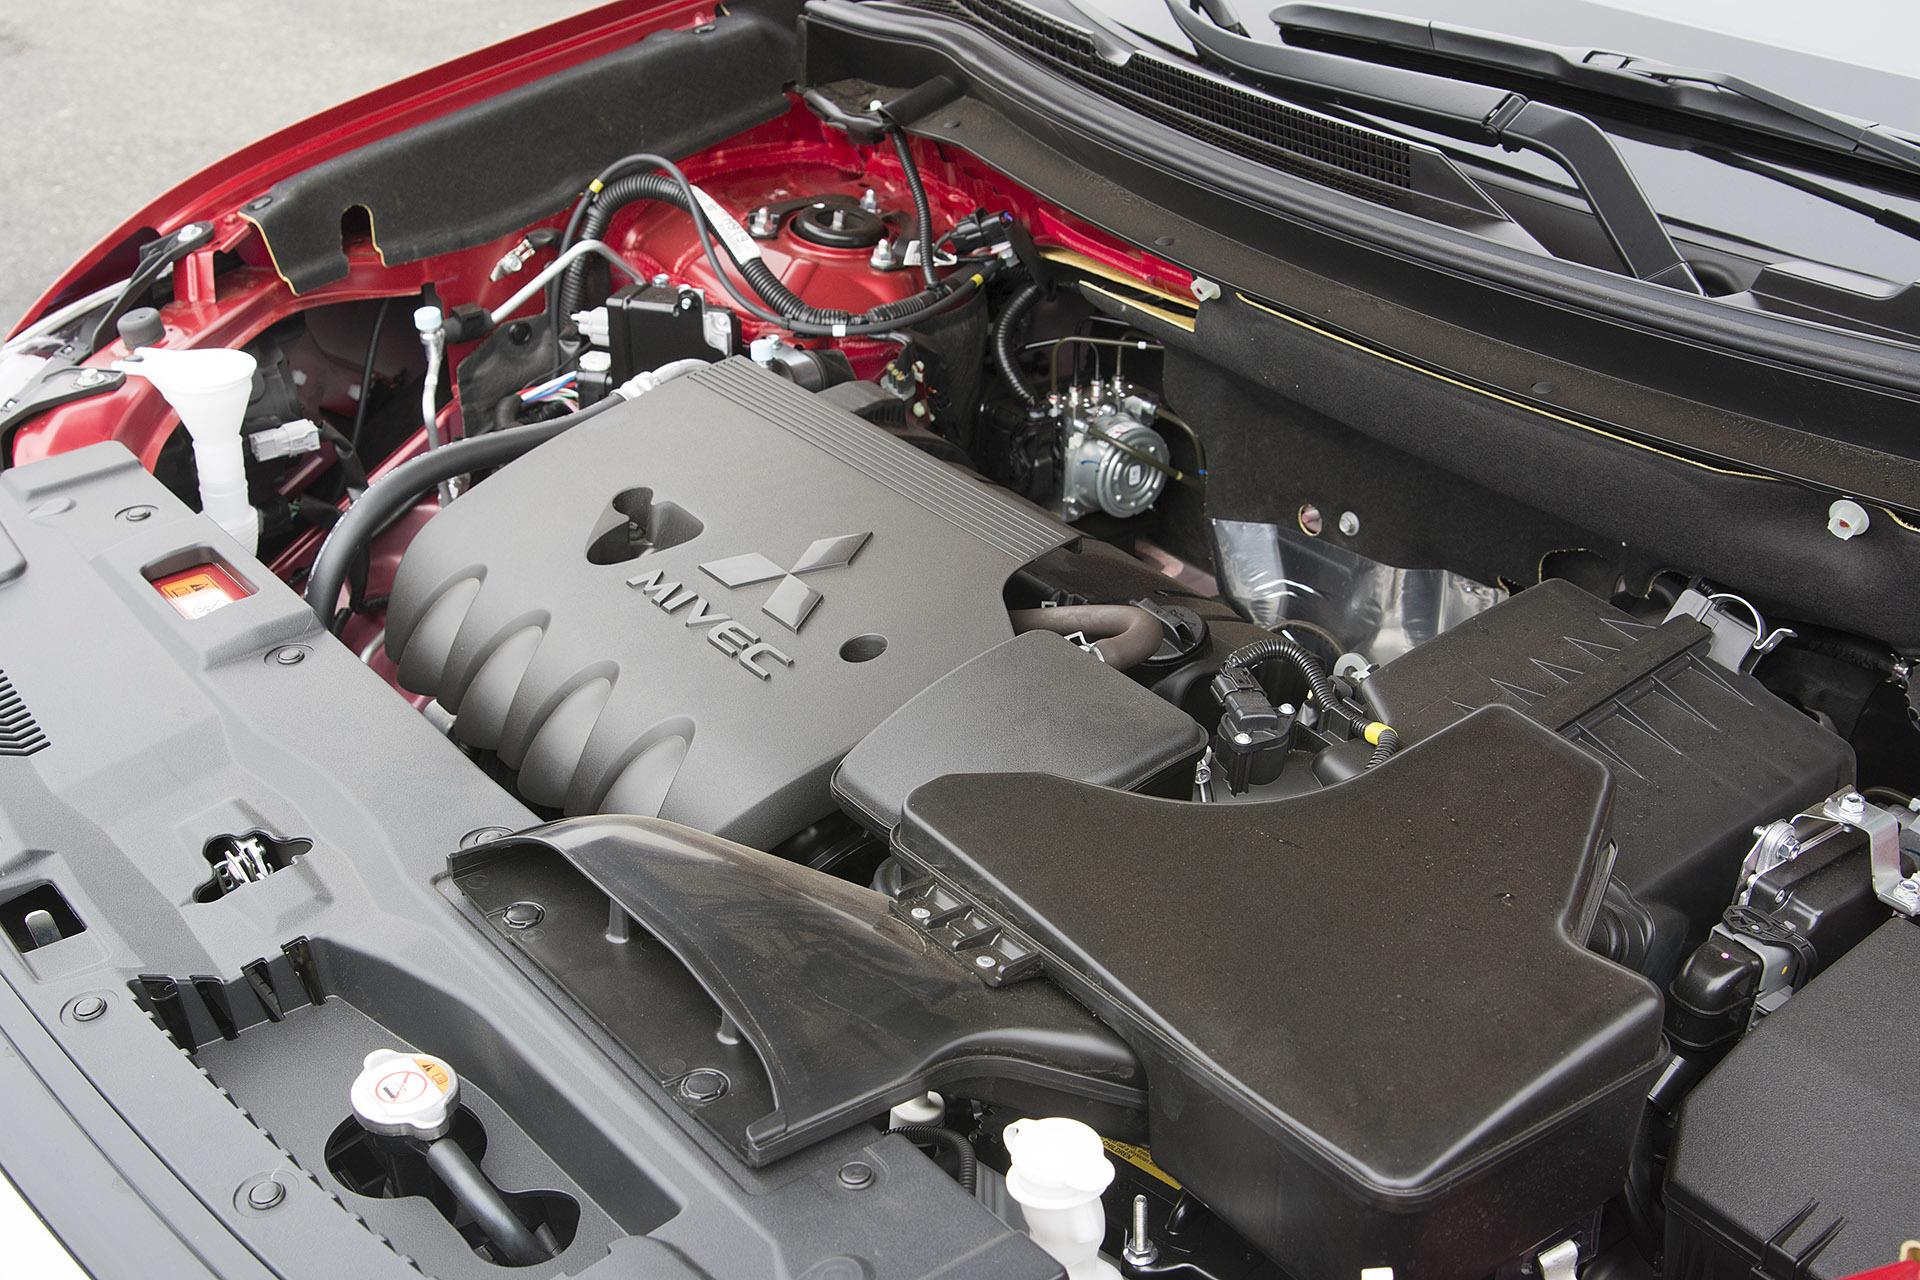 Рис. 5. Двигатель кроссовера.